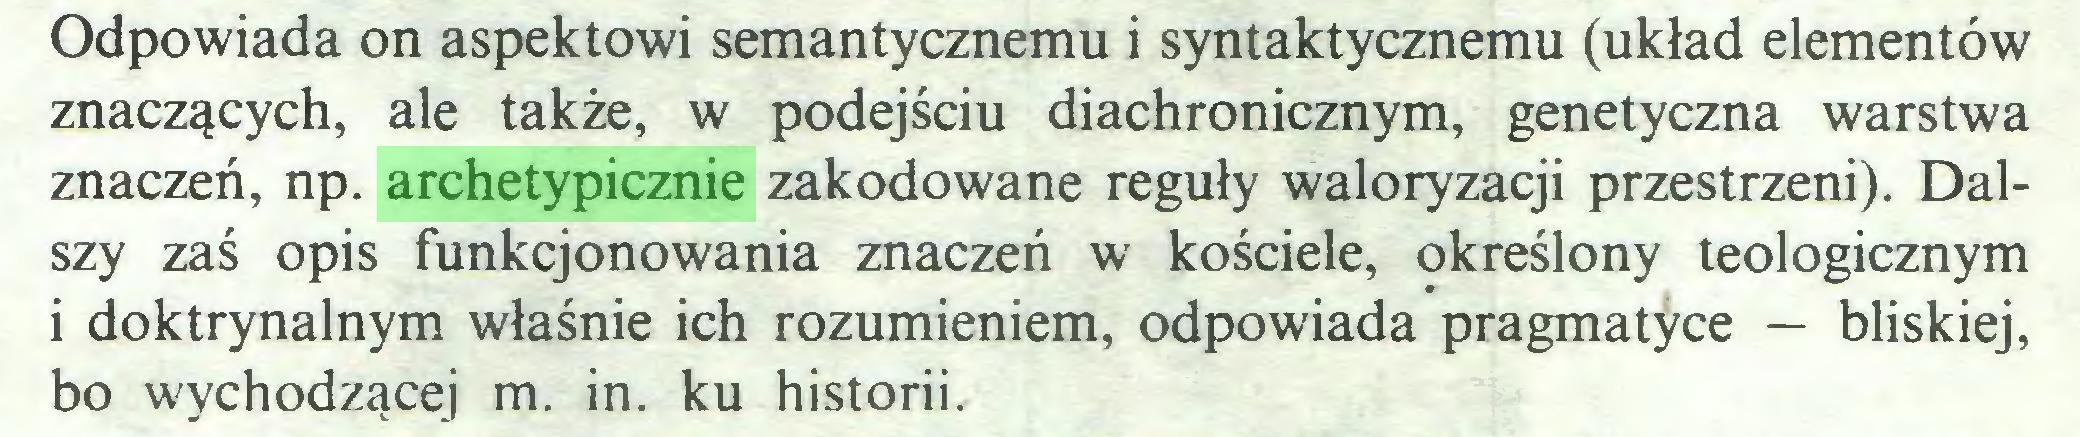 (...) Odpowiada on aspektowi semantycznemu i syntaktycznemu (układ elementów znaczących, ale także, w podejściu diachronicznym, genetyczna warstwa znaczeń, np. archetypicznie zakodowane reguły waloryzacji przestrzeni). Dalszy zaś opis funkcjonowania znaczeń w kościele, określony teologicznym i doktrynalnym właśnie ich rozumieniem, odpowiada pragmatyce — bliskiej, bo wychodzącej m. in. ku historii...